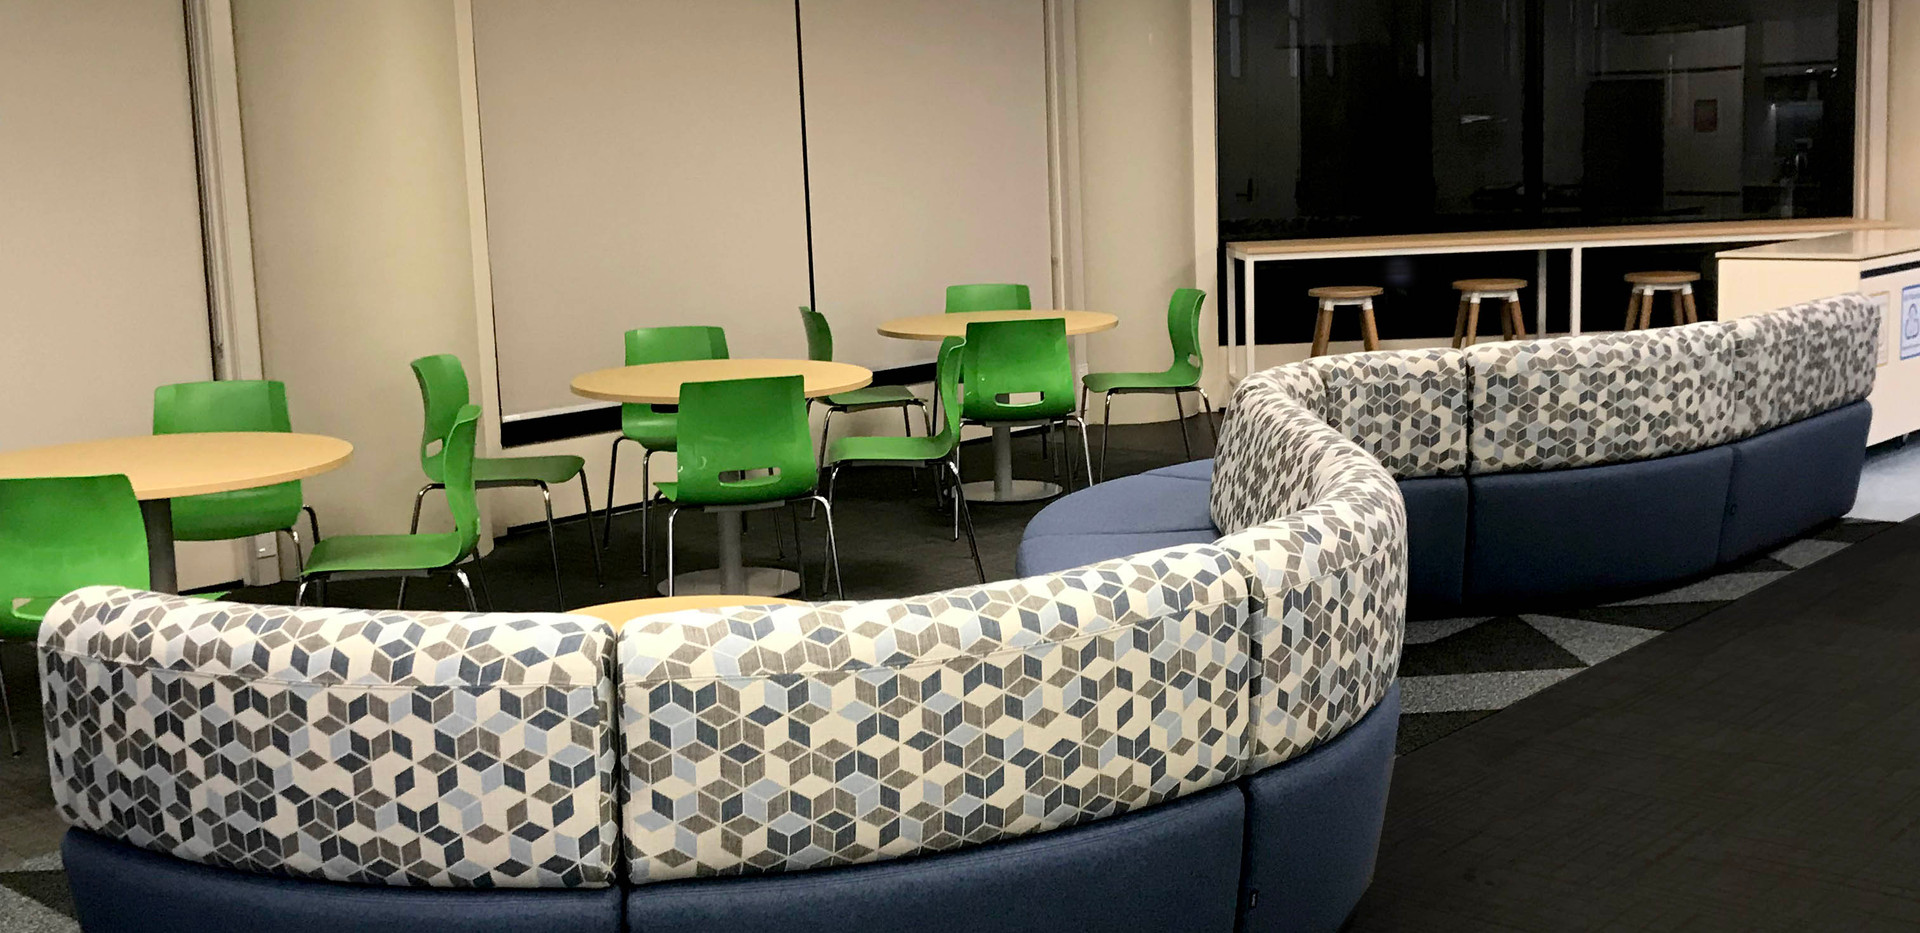 Informal Meeting & Breakout Space